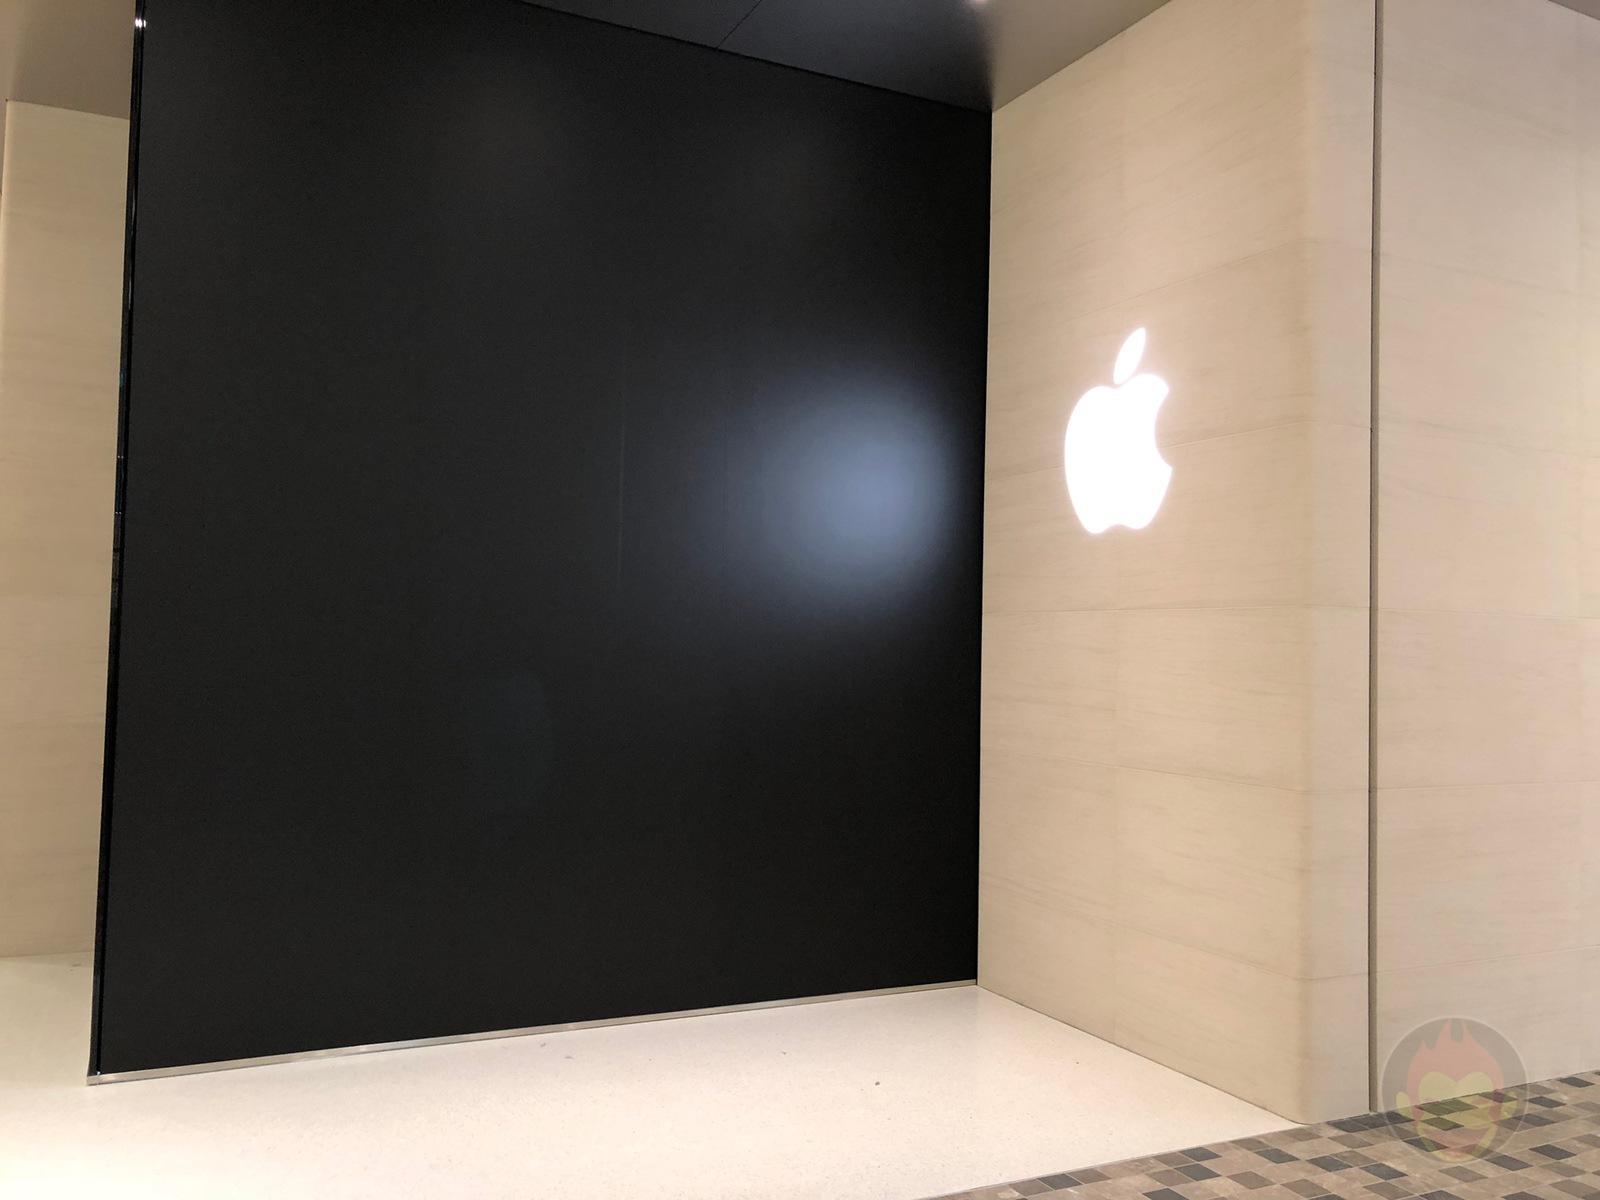 Apple-Shinjuku-During-the-Day-32.jpg